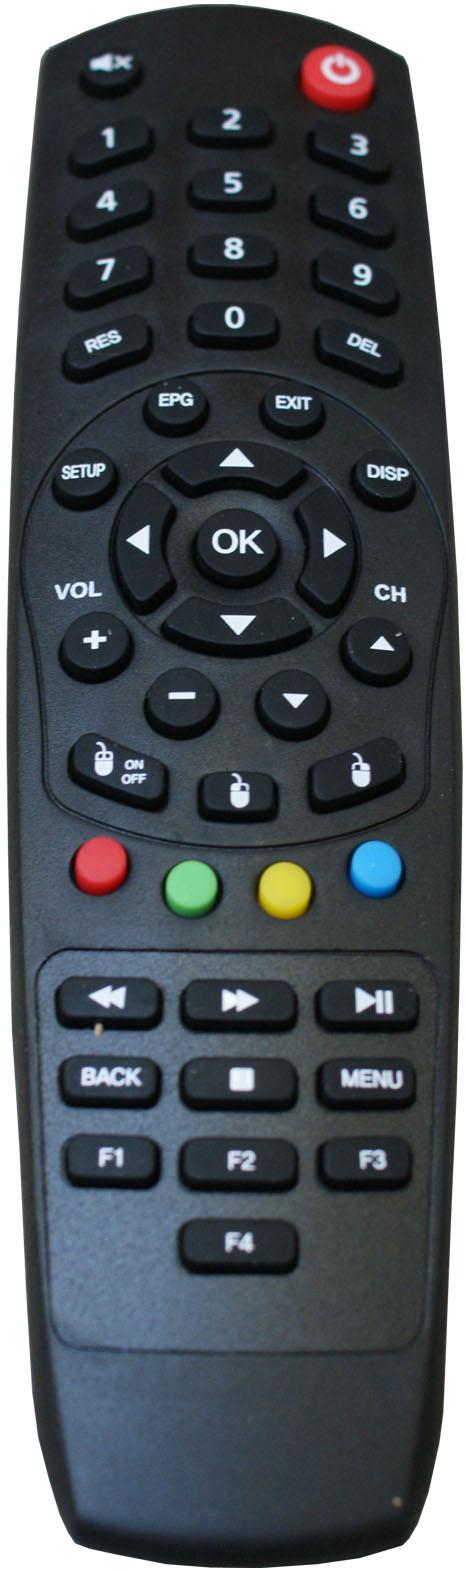 ZAAPTV Fjärrkontroll till HD509 box.